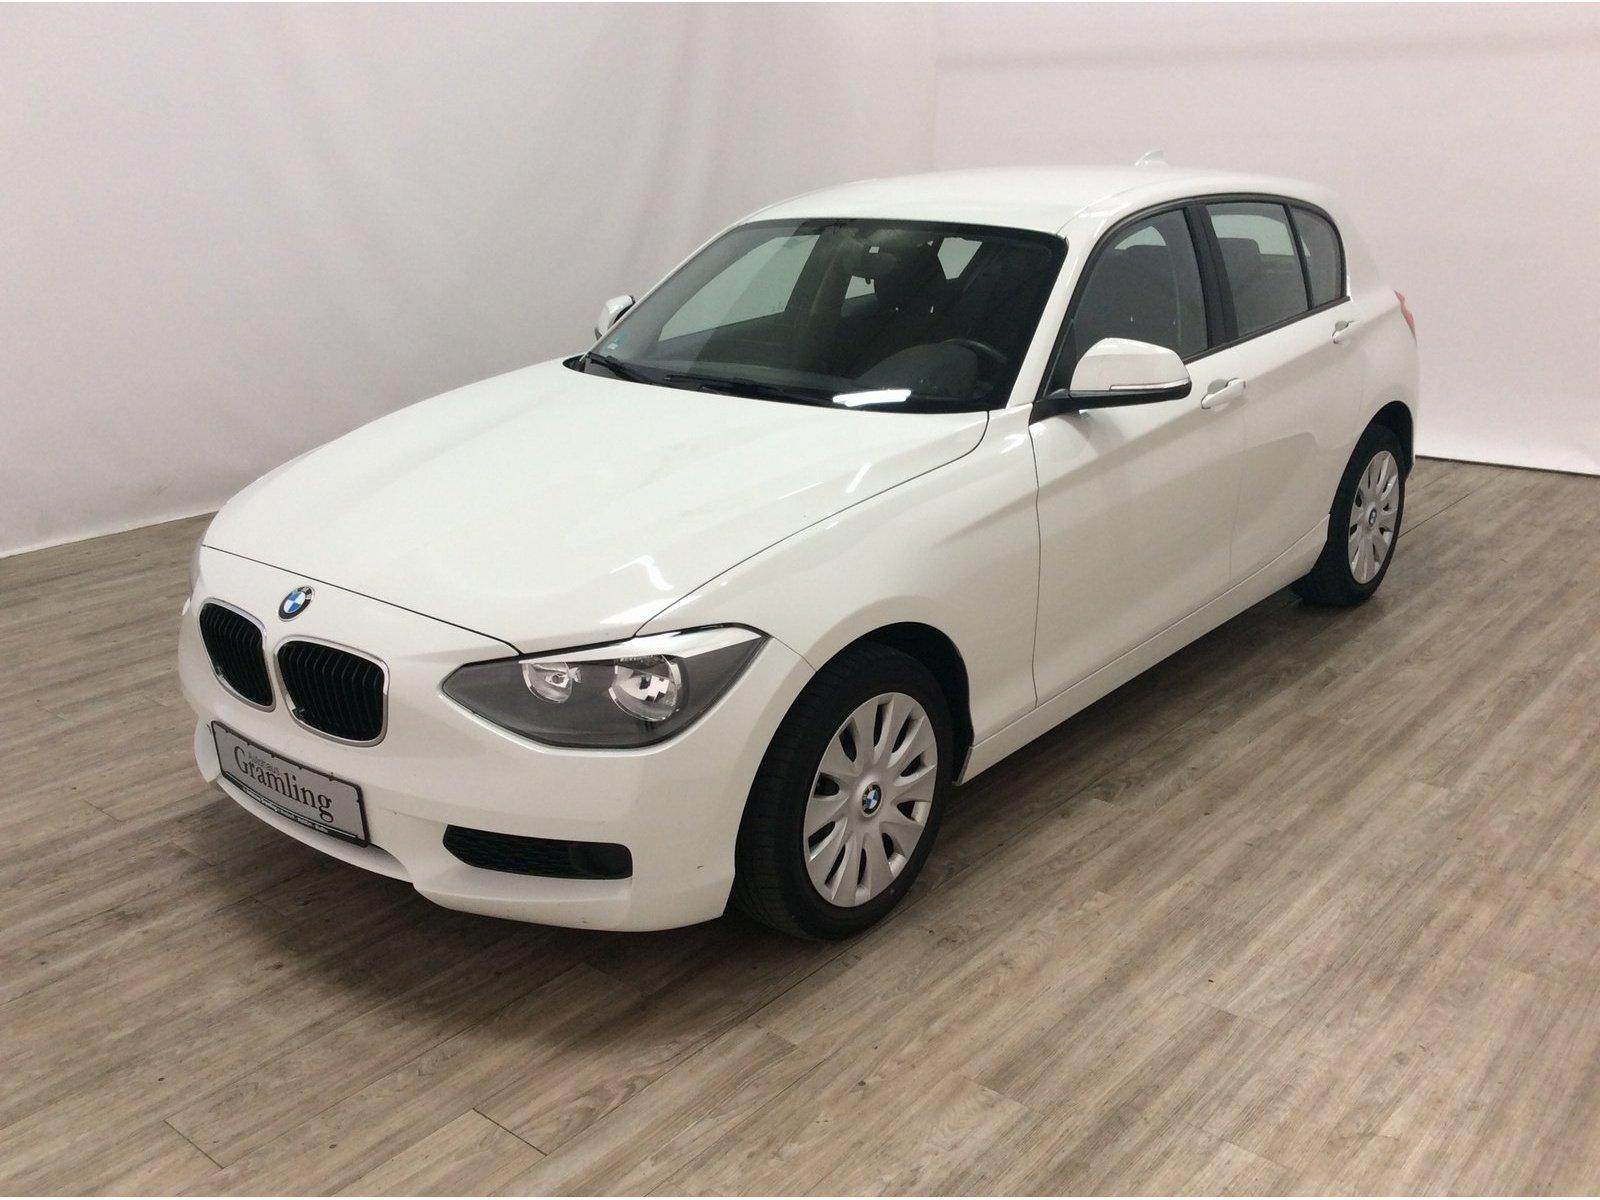 BMW 114 i (Euro 6) Park Distance Control*Sitzheizung, Jahr 2014, Benzin